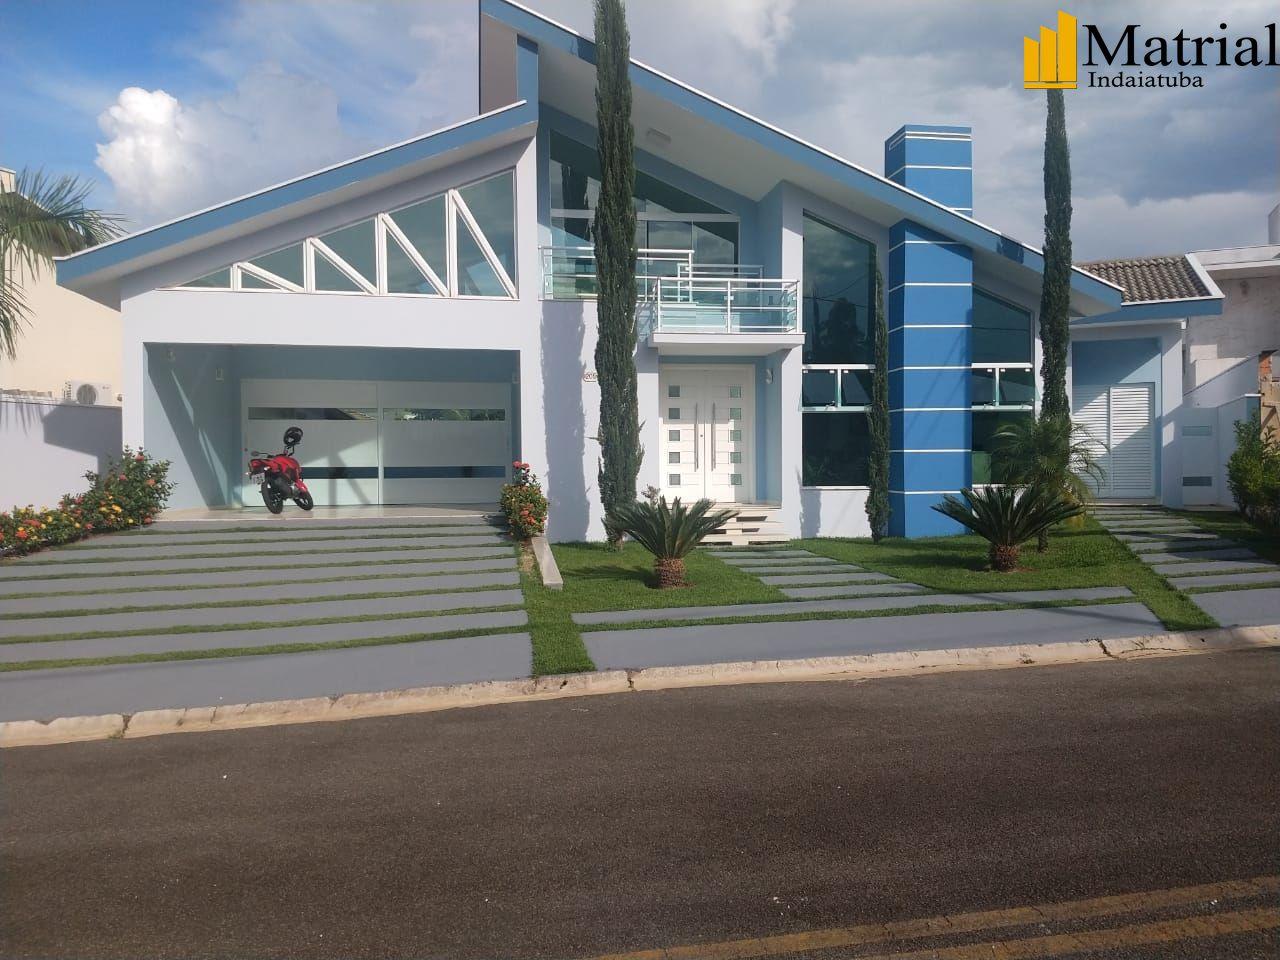 Casa em condomínio à venda  no Jardim dos Lagos - Indaiatuba, SP. Imóveis